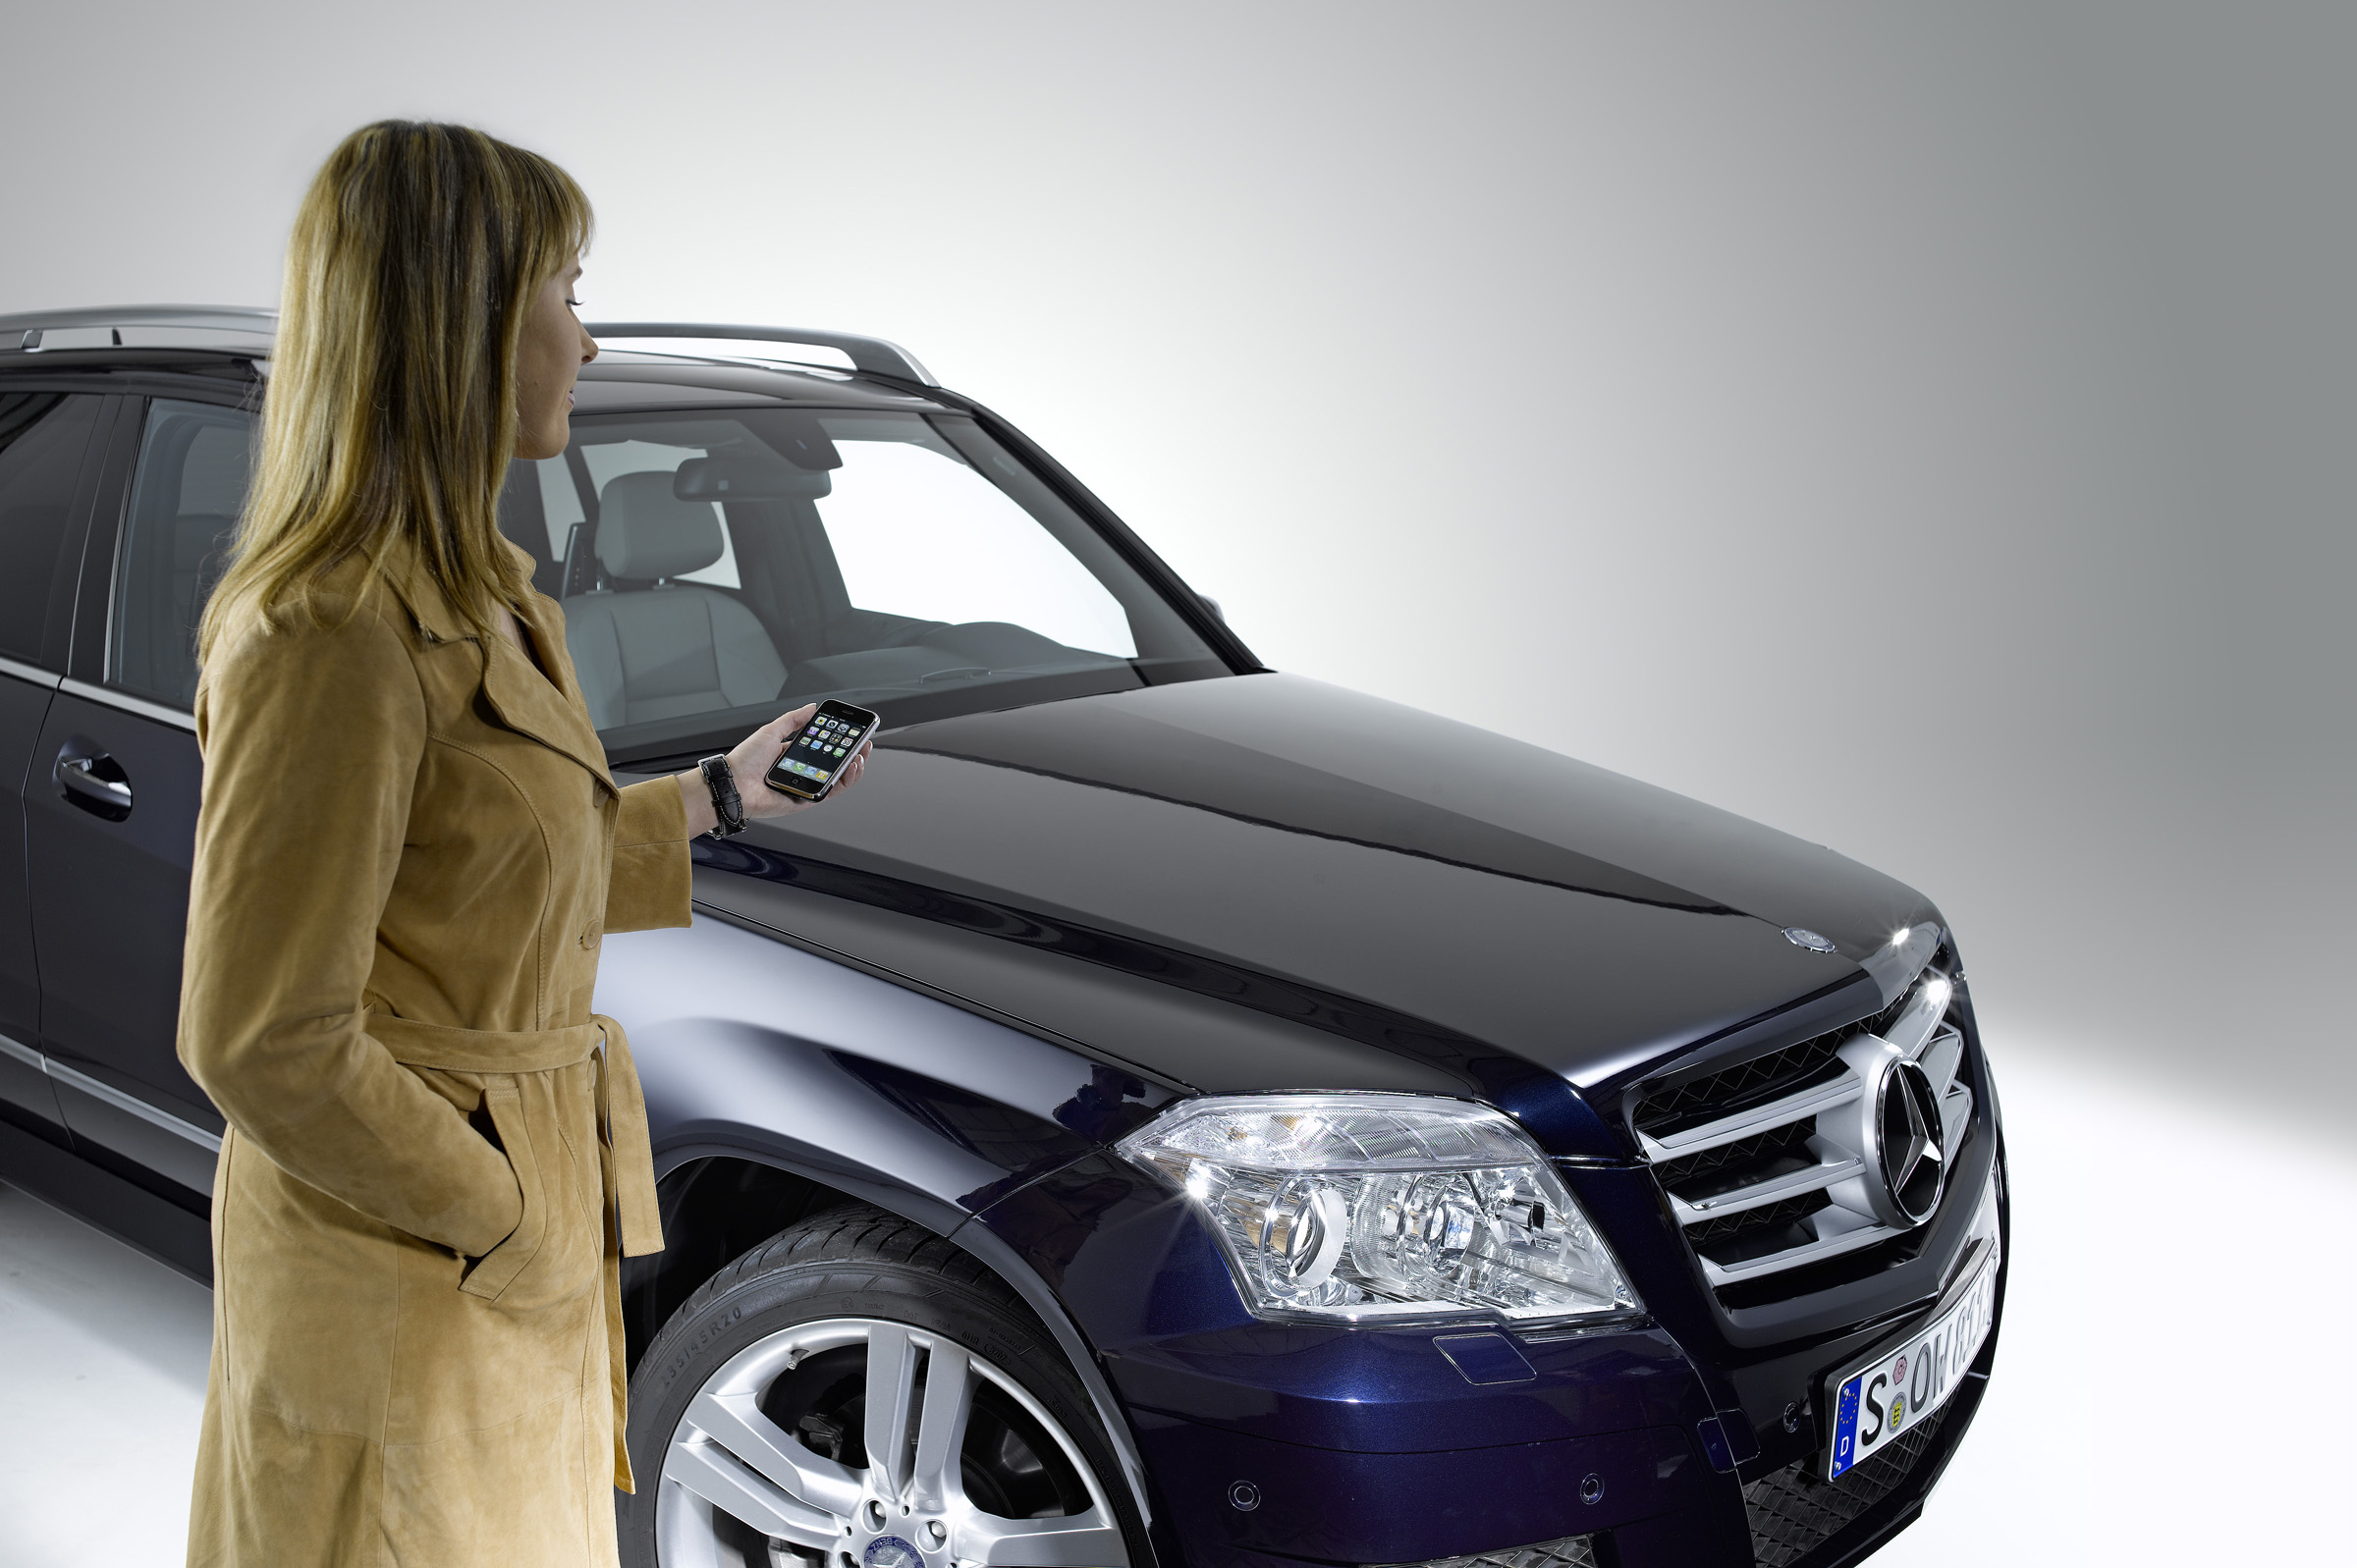 Новая колыбель позволяет полностью интегрироваться в архитектуре автомобиля: Mercedes-Benz делает в автомобиле iPhone® подключение еще проще - фотография №2